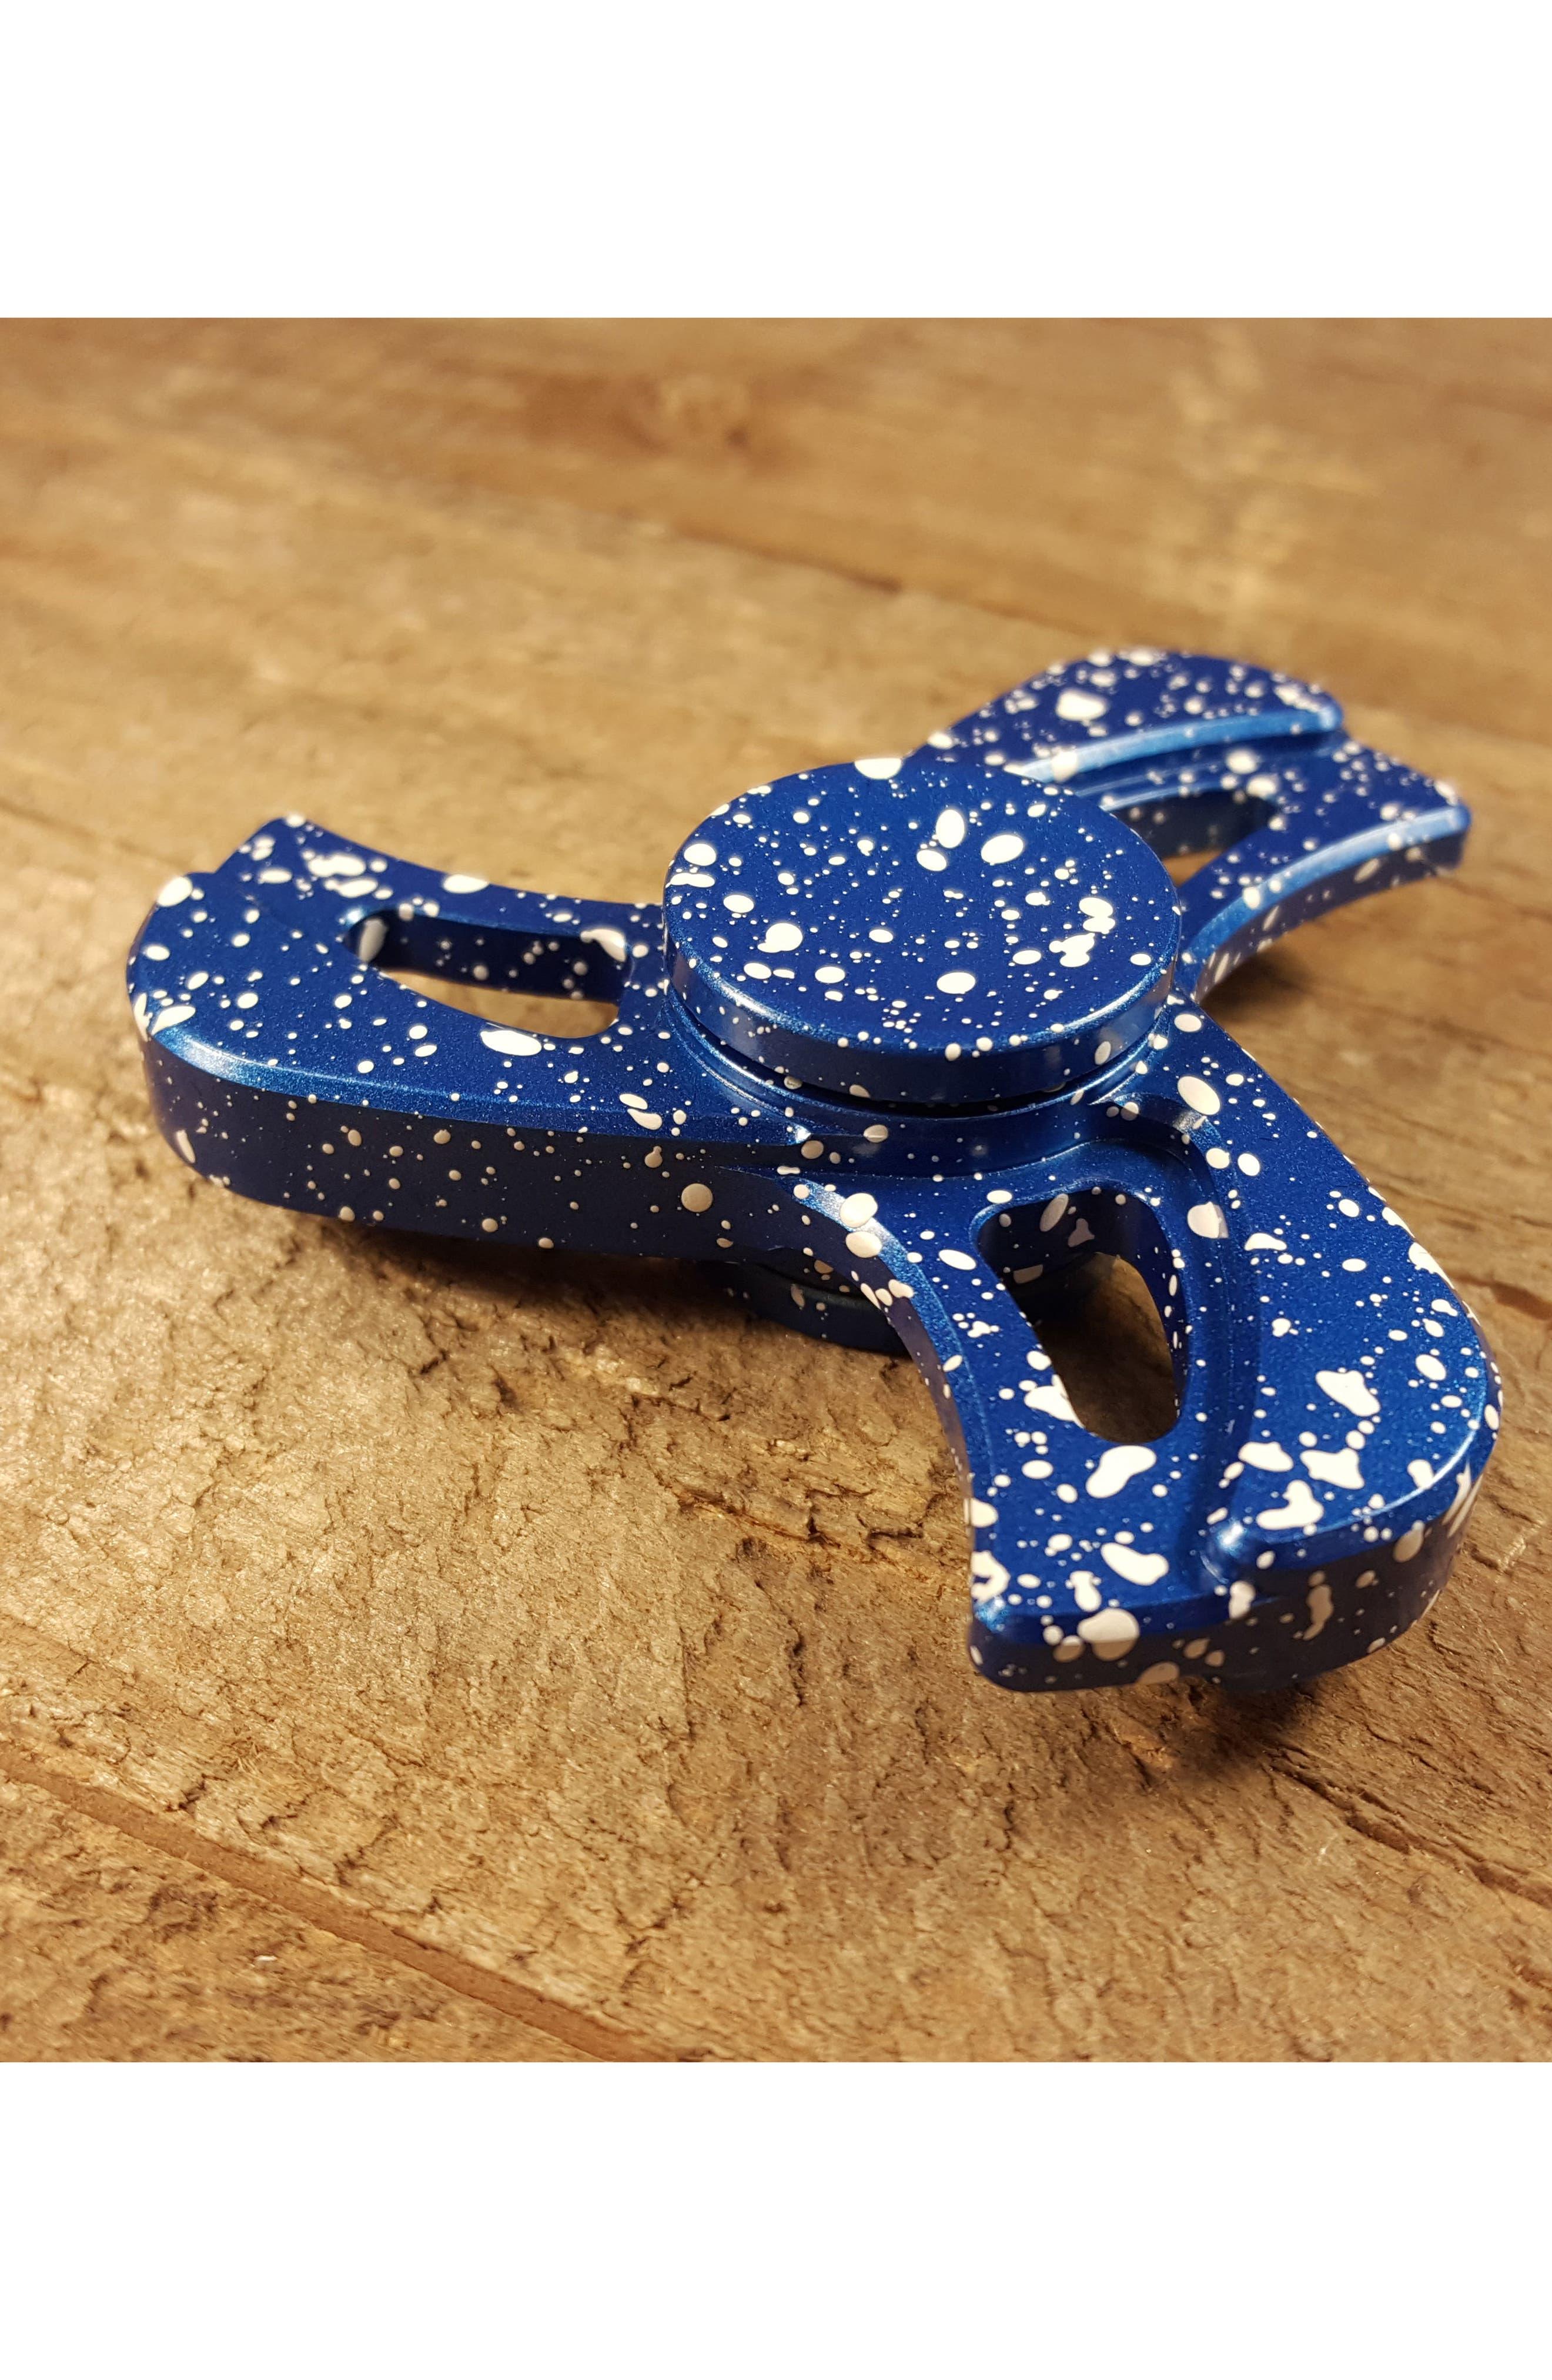 Turbine Tri Bar Fidget Toy,                             Alternate thumbnail 2, color,                             Blue/ White